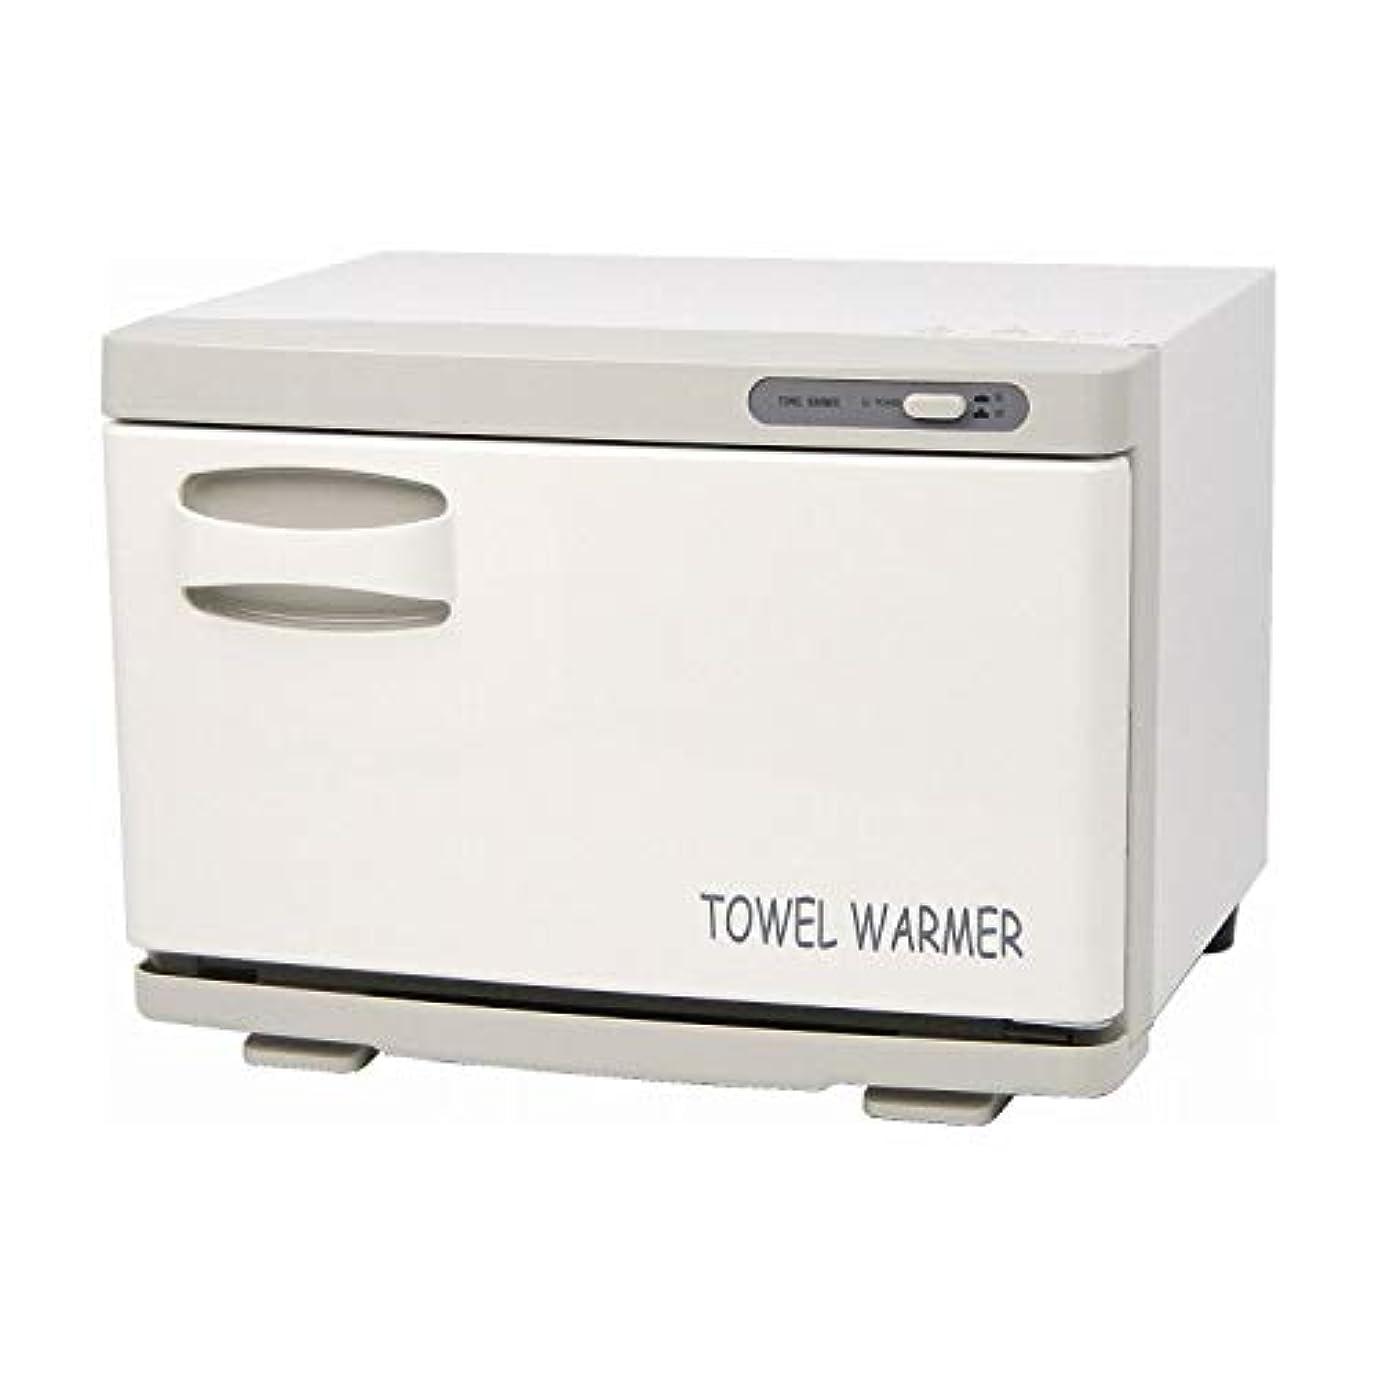 使い込む光電アラバマタオルウォーマー TW-12F[ホワイト前開き]新品 おしぼり蒸し器 おしぼりウォーマー ホットウォーマー タオル蒸し器 タオルウオーマー ホットボックス